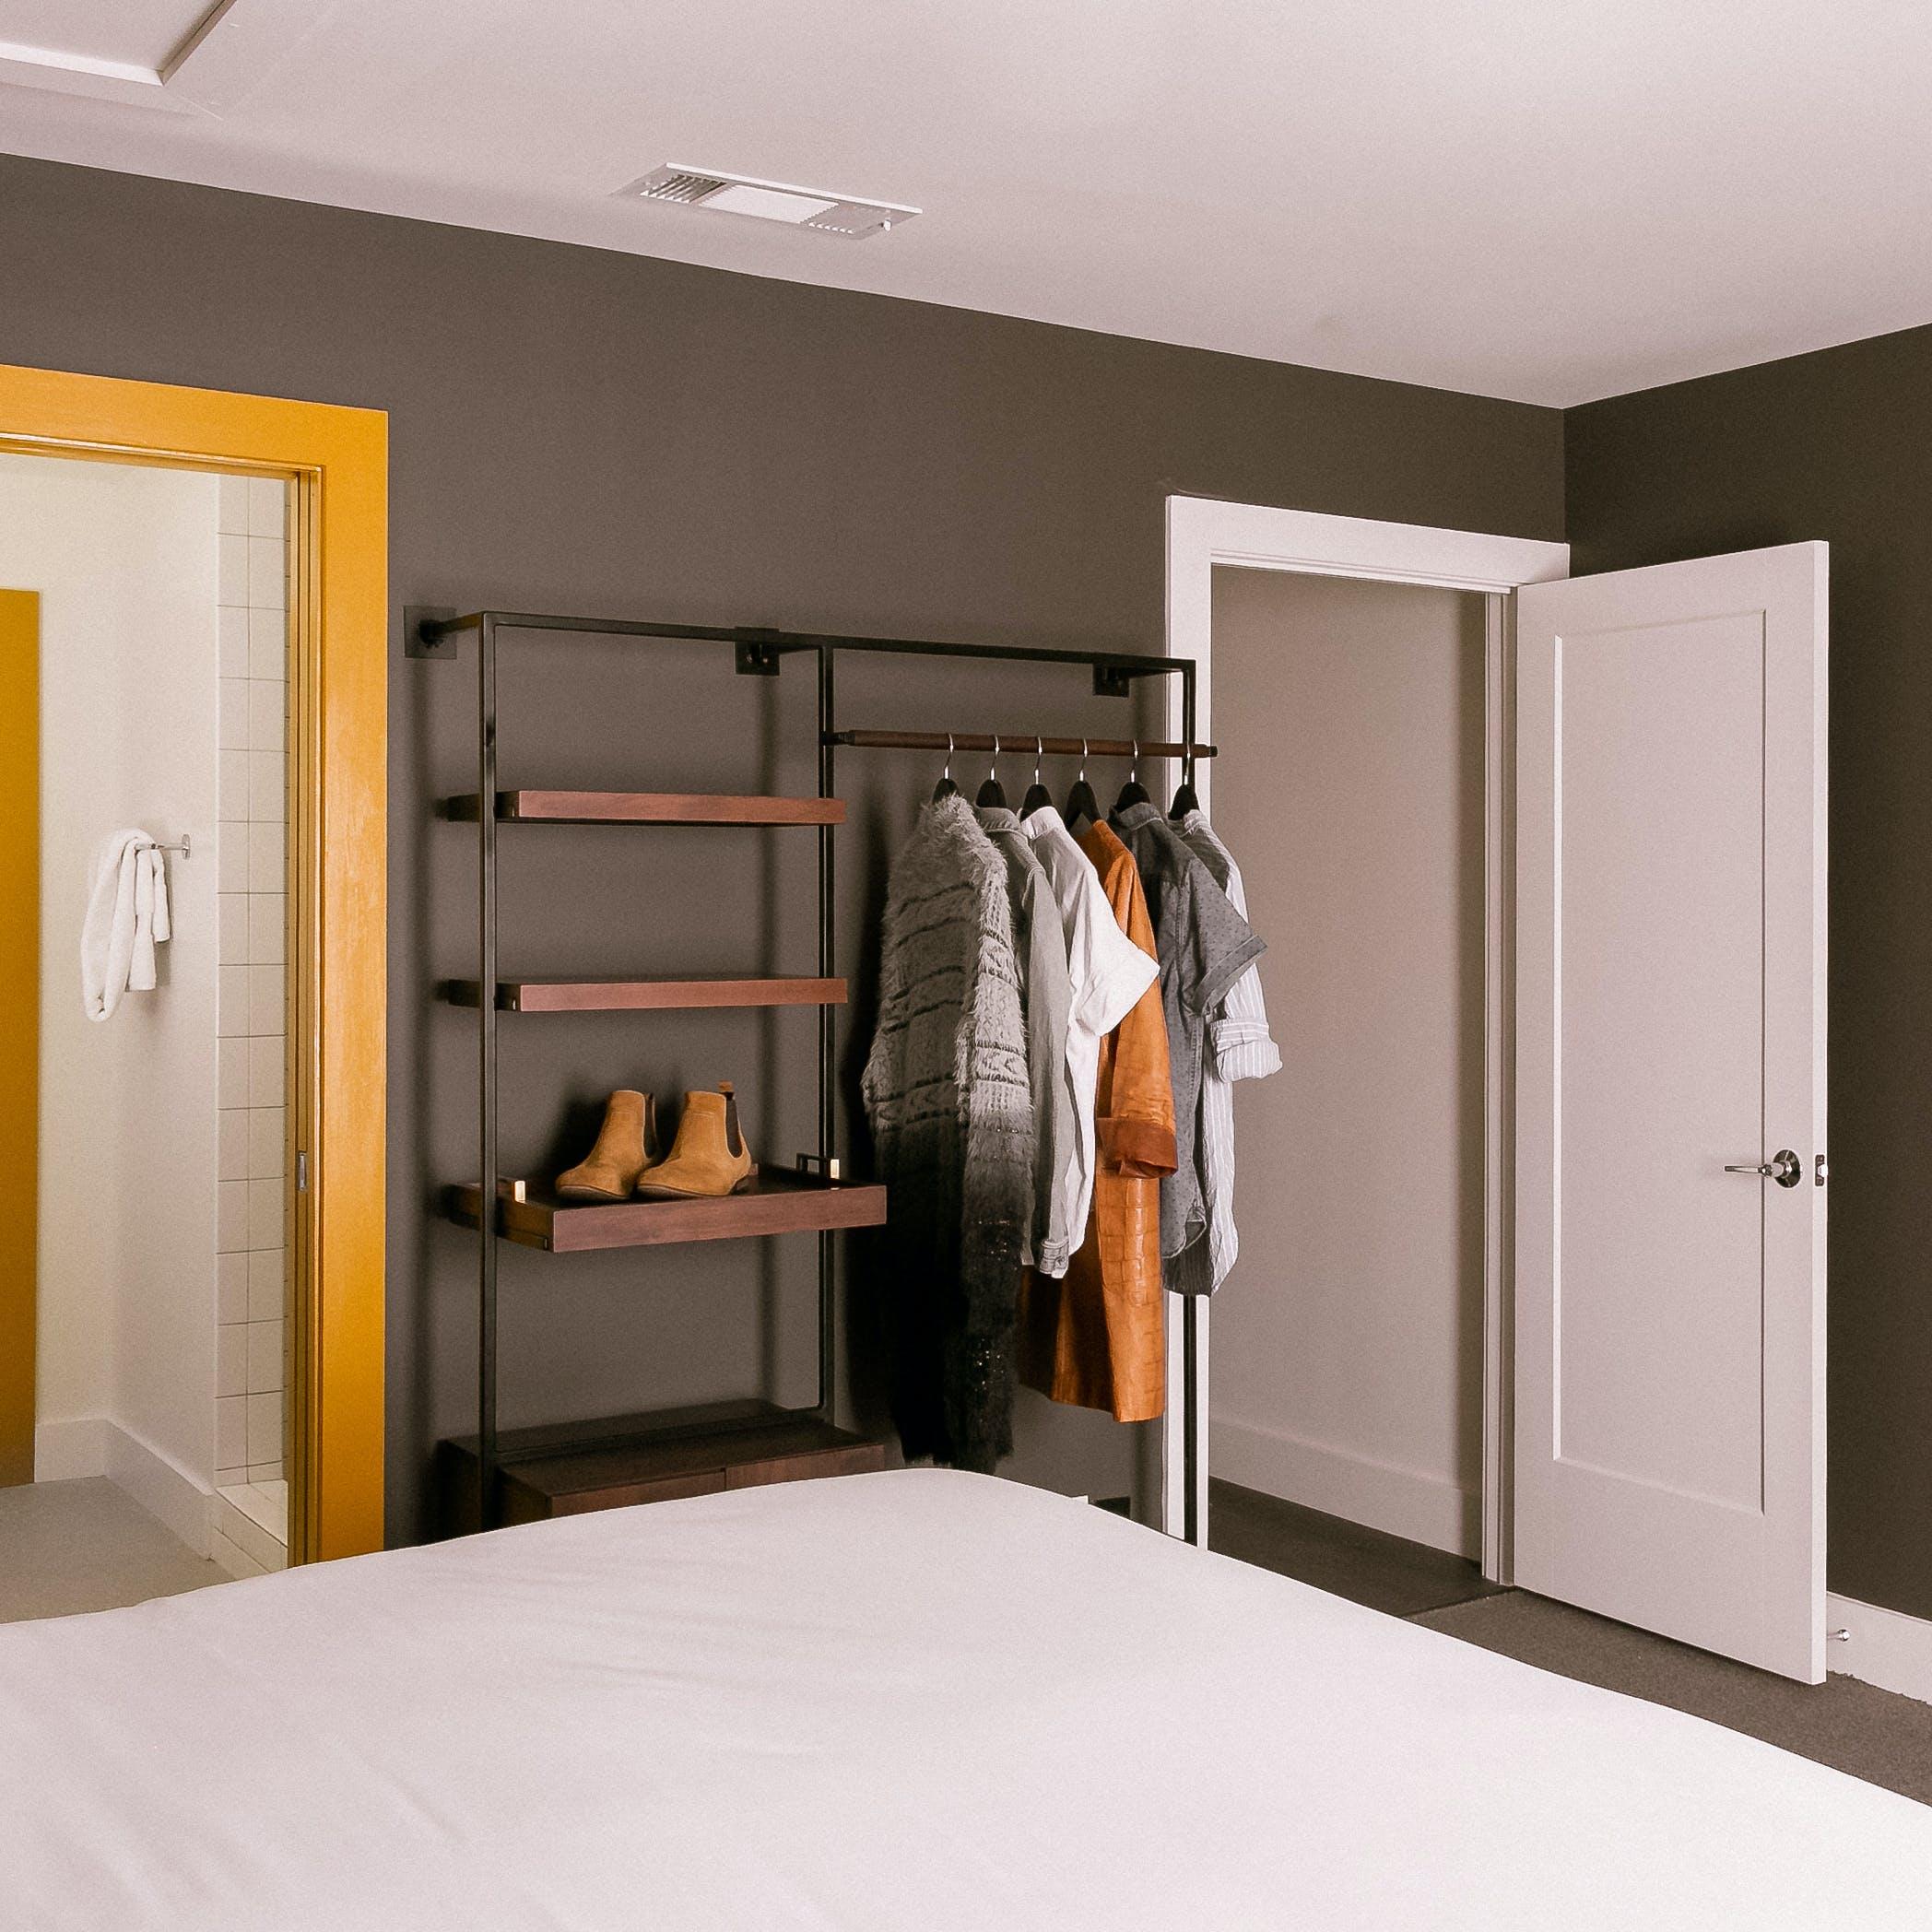 2 Bedroom Suites Nashville Tn Hotels Bode Nashville Hotel